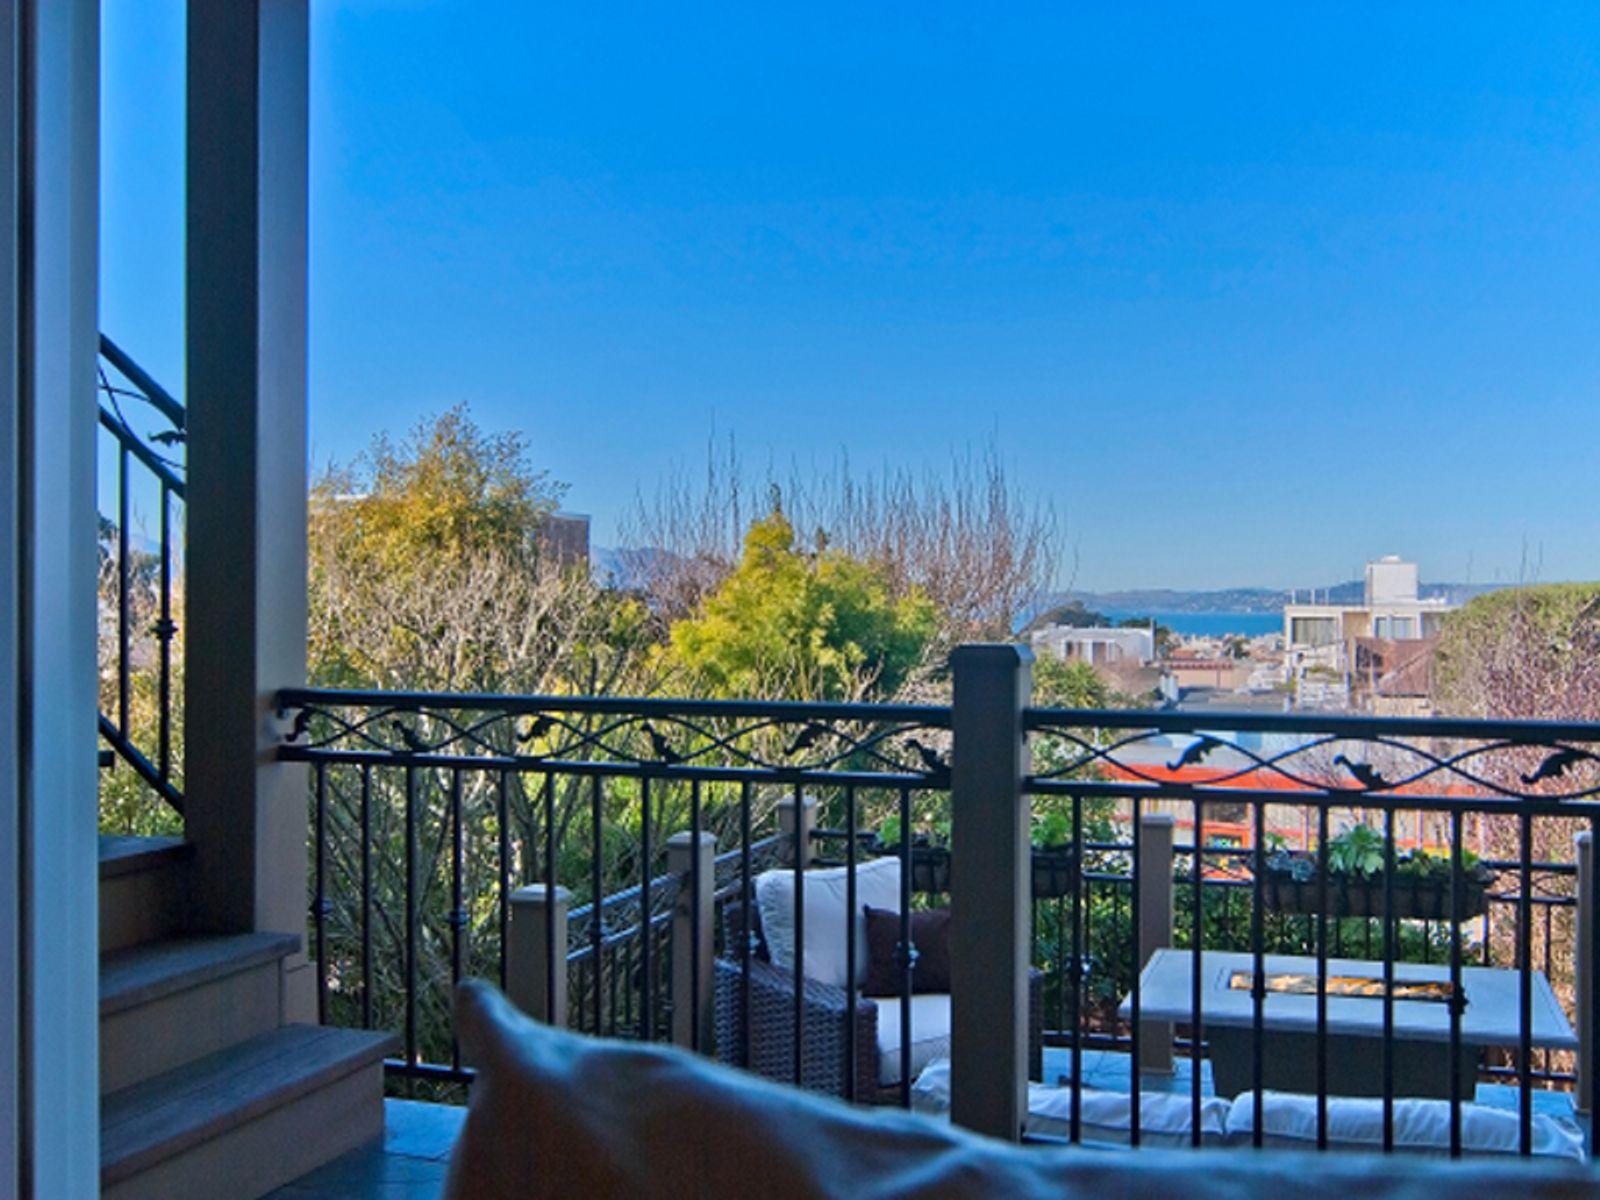 Contemporary Condominium with Bay Views